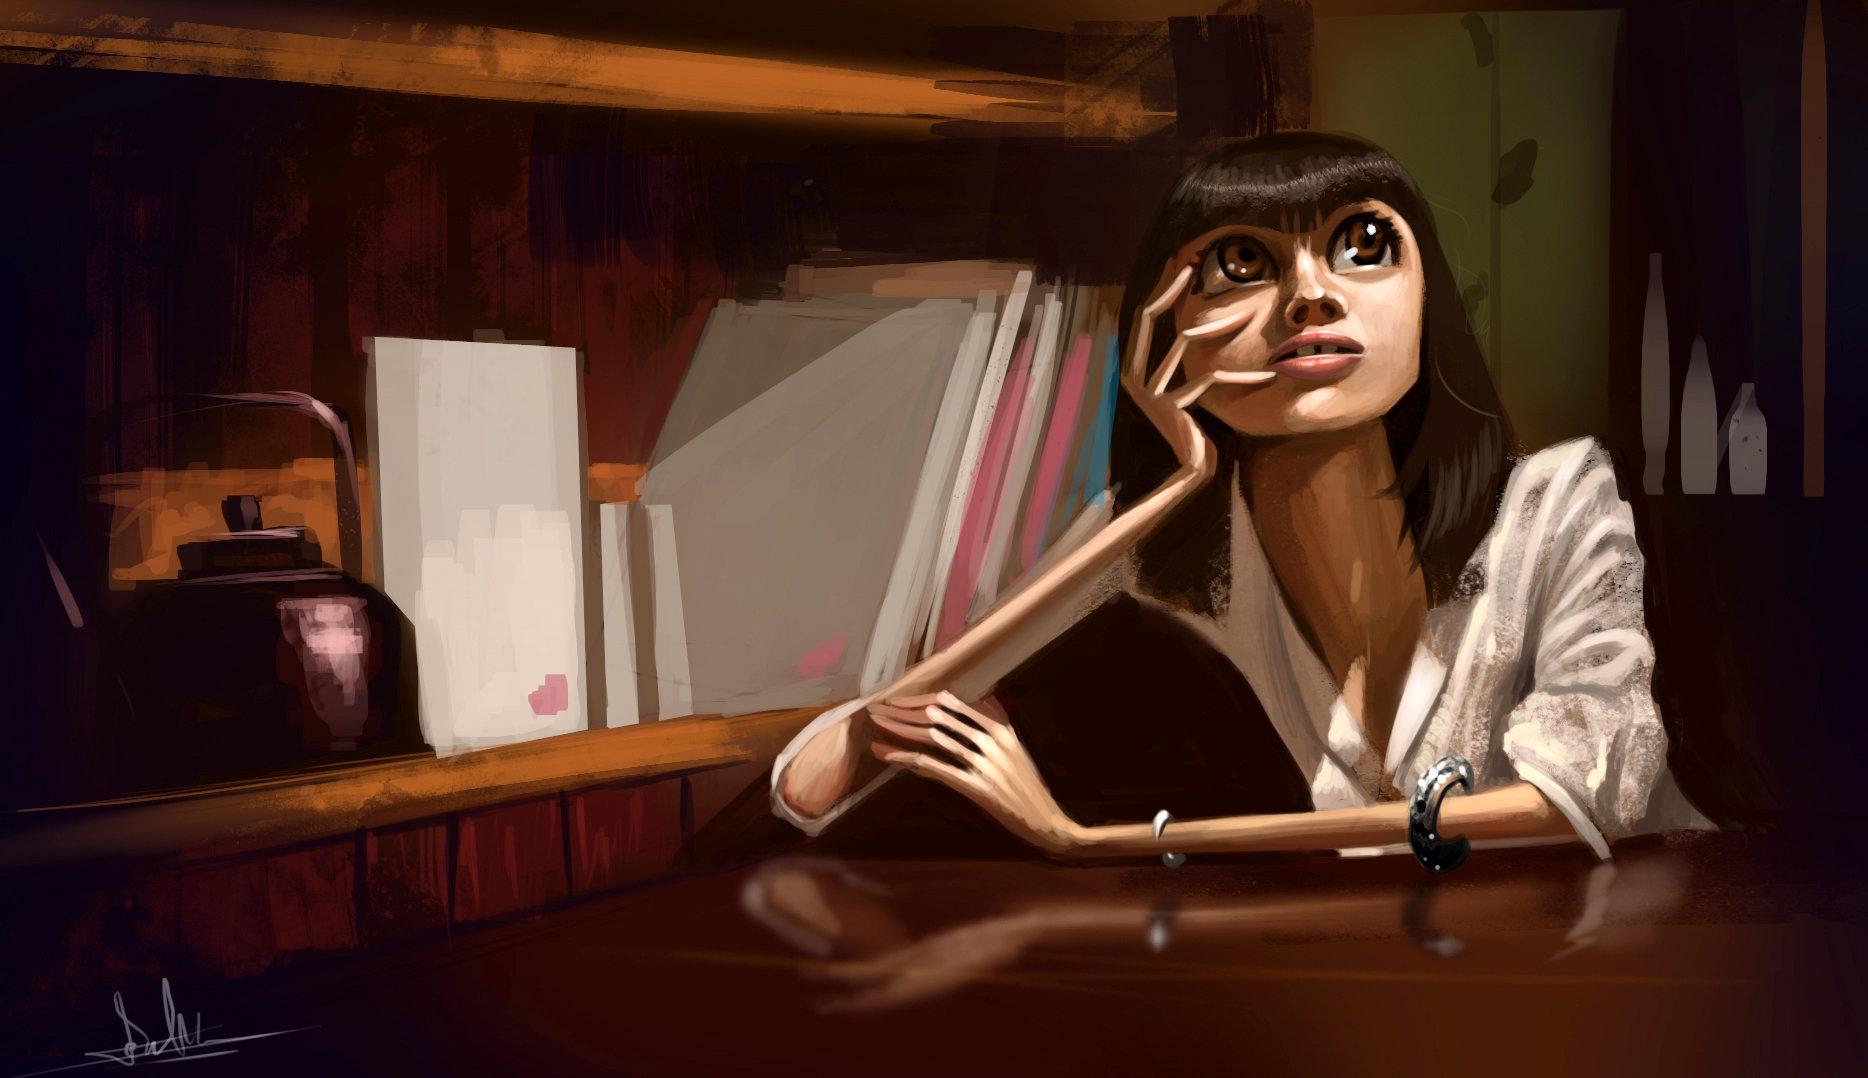 Eslam fekry sketch 2